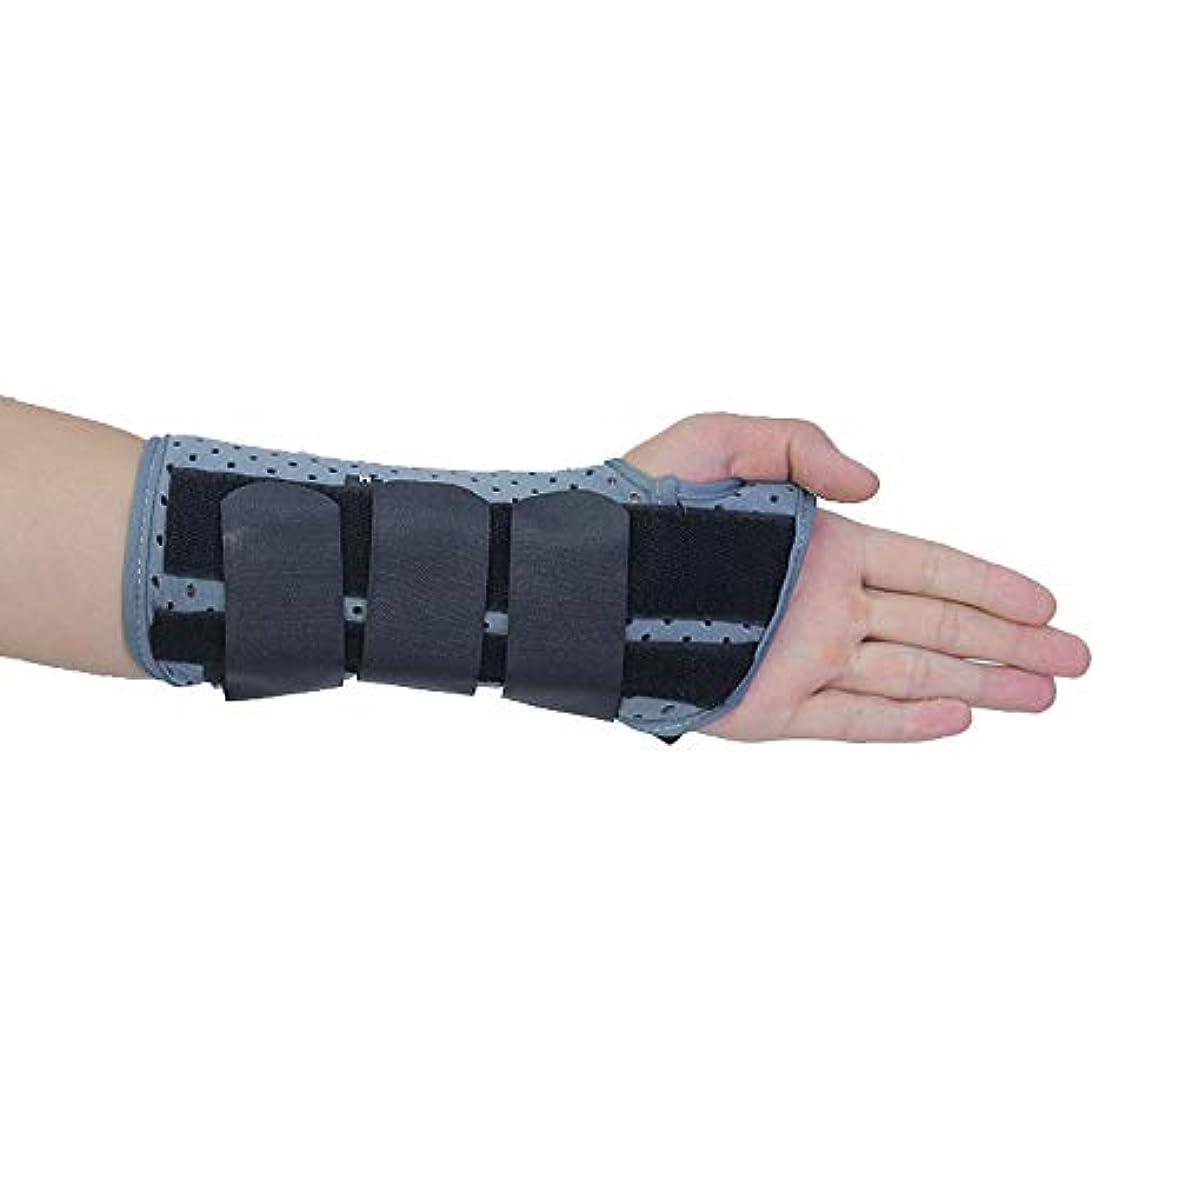 ブリーク説明的誠実手首サポートブレース-手根管副木-手根管症候群、捻Sp、腱炎、関節炎の痛みを軽減,Righthand,M